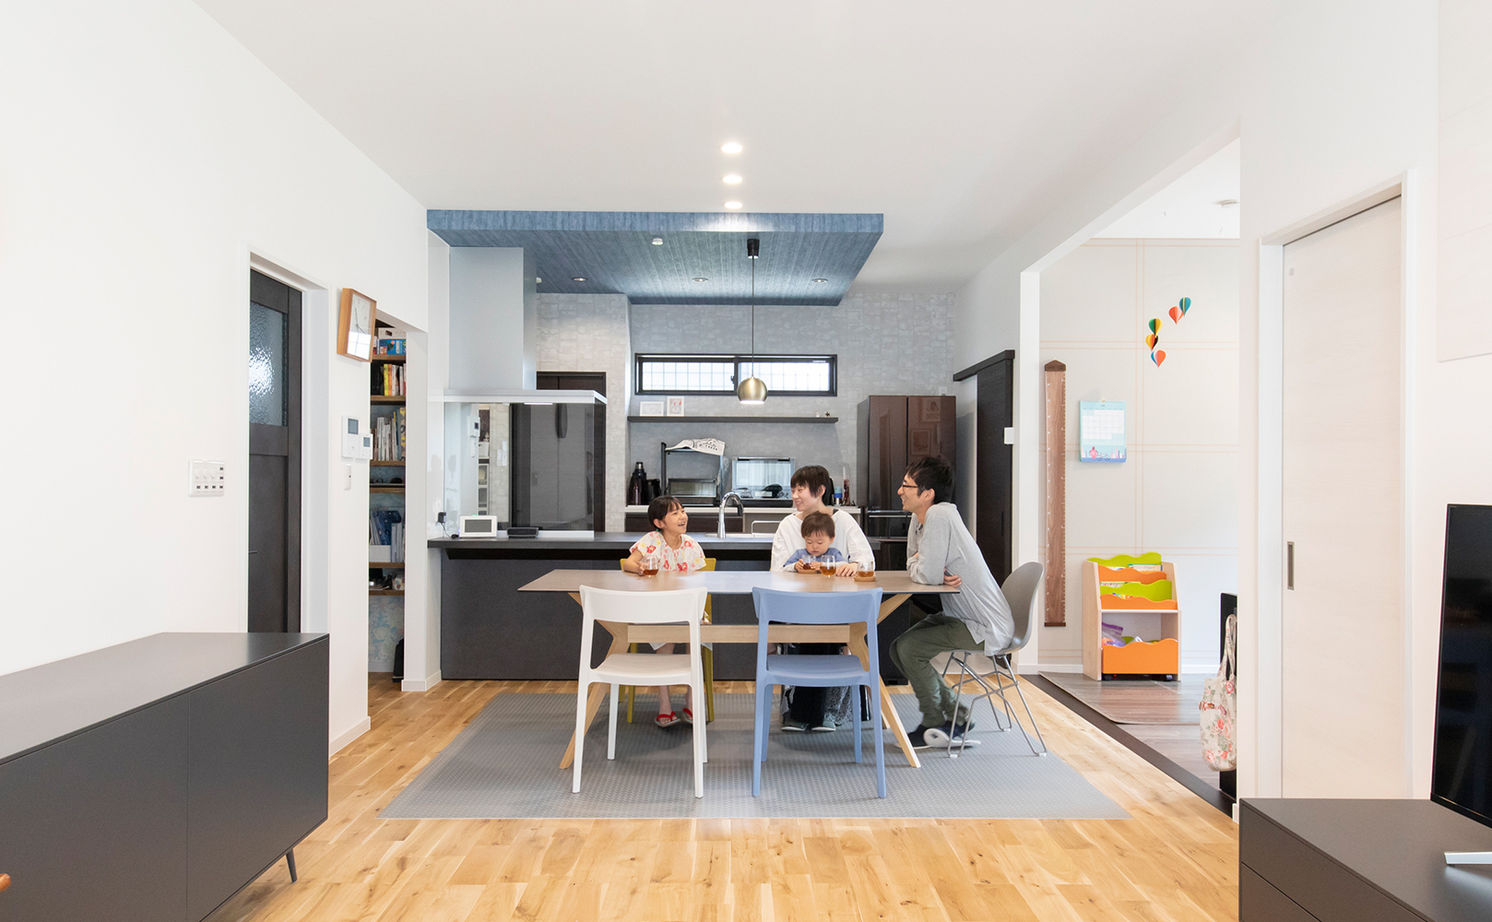 平屋でのびのび暮らしたい!木の温もりとセンスのいい家具、ZEHの省エネ性もしっかり画像3